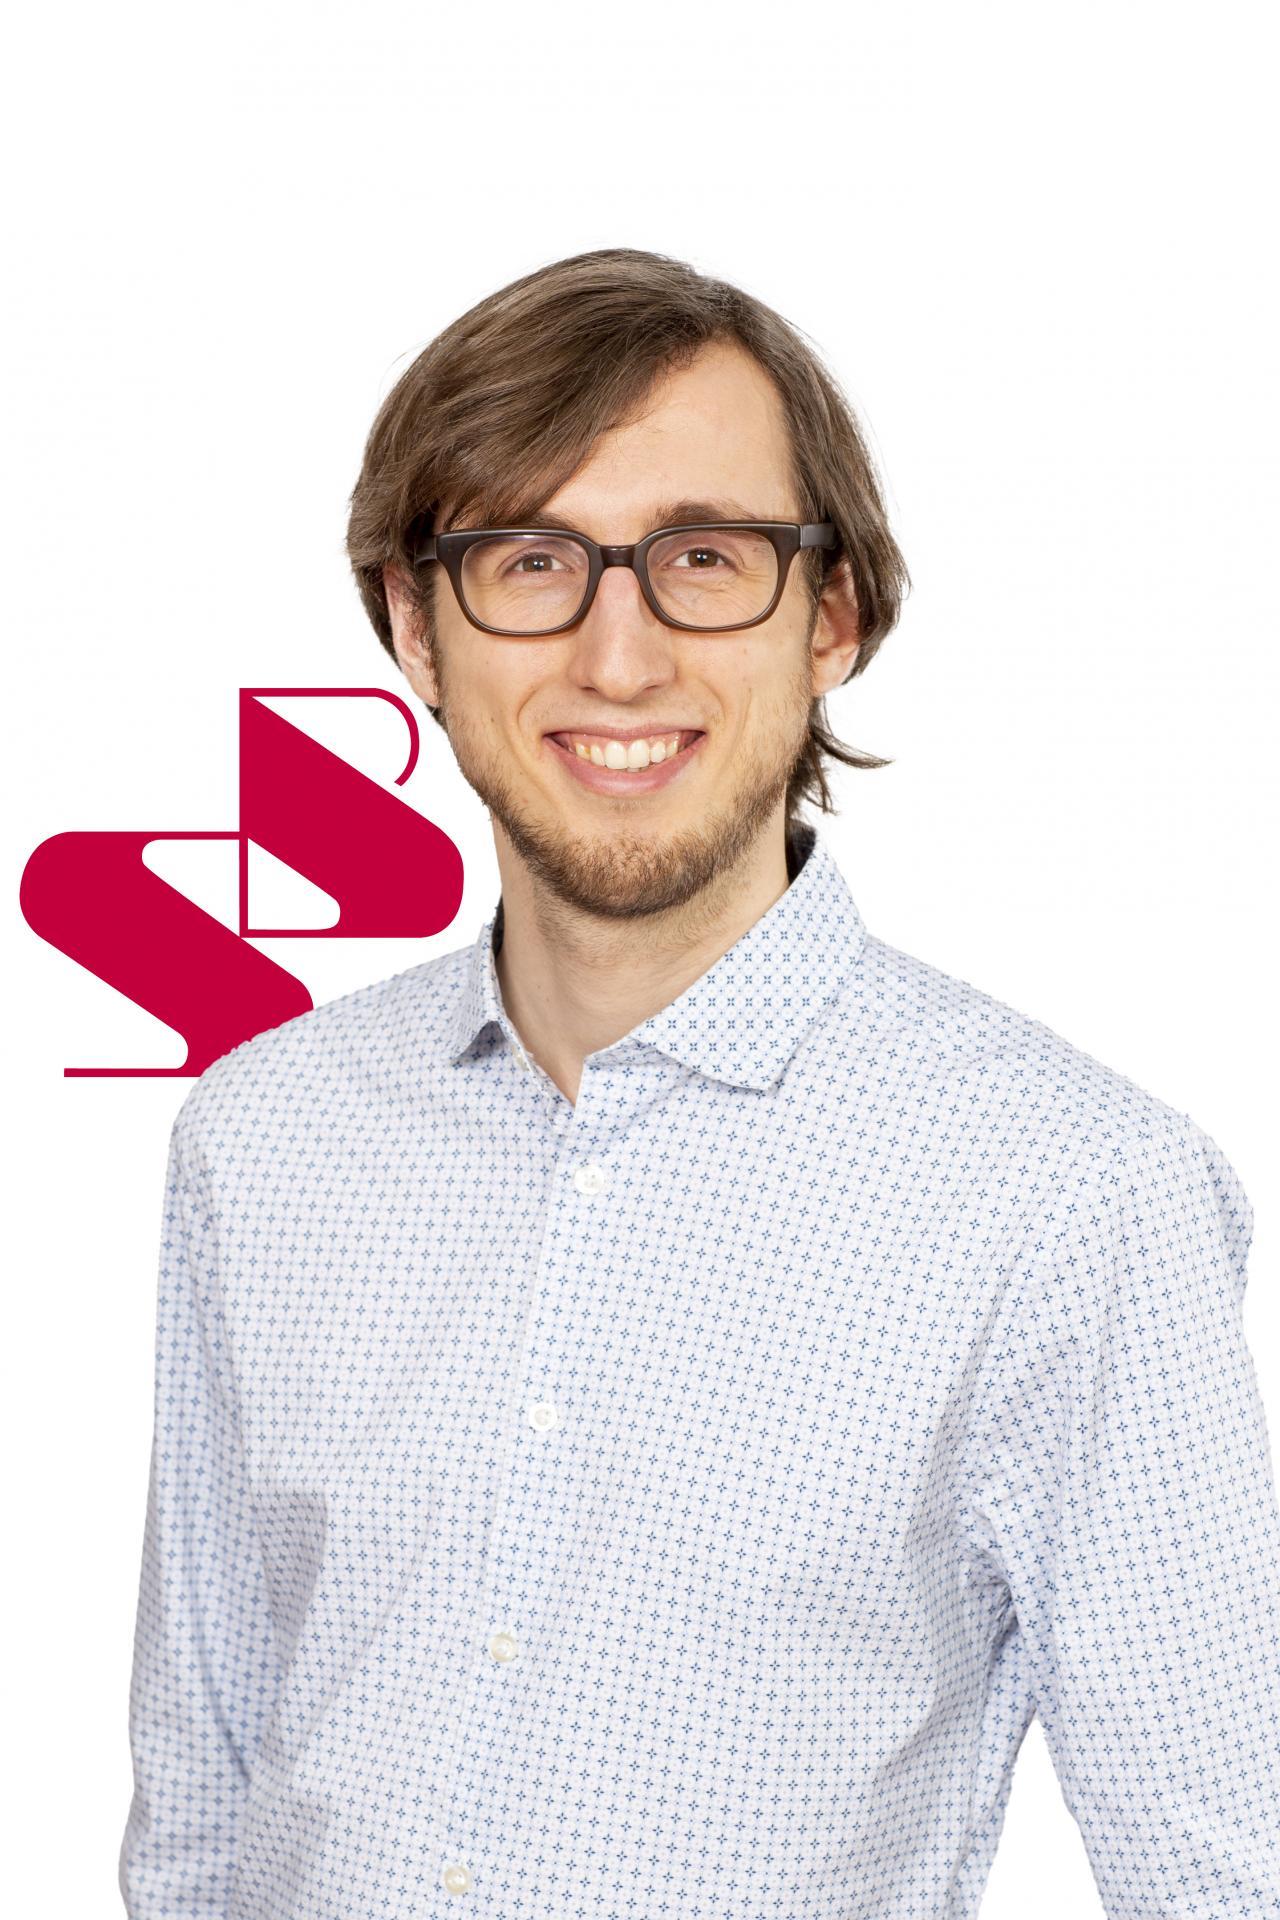 André Dörfer